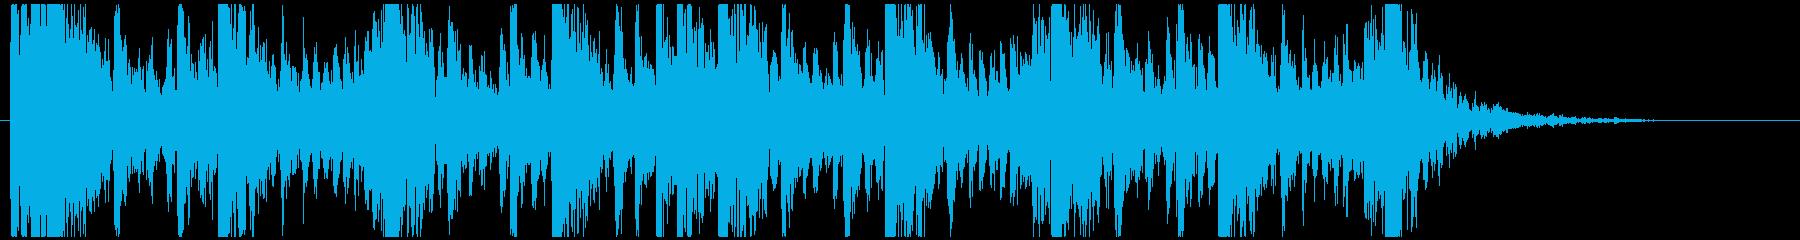 和太鼓のリズム2 残響ありBPM160の再生済みの波形